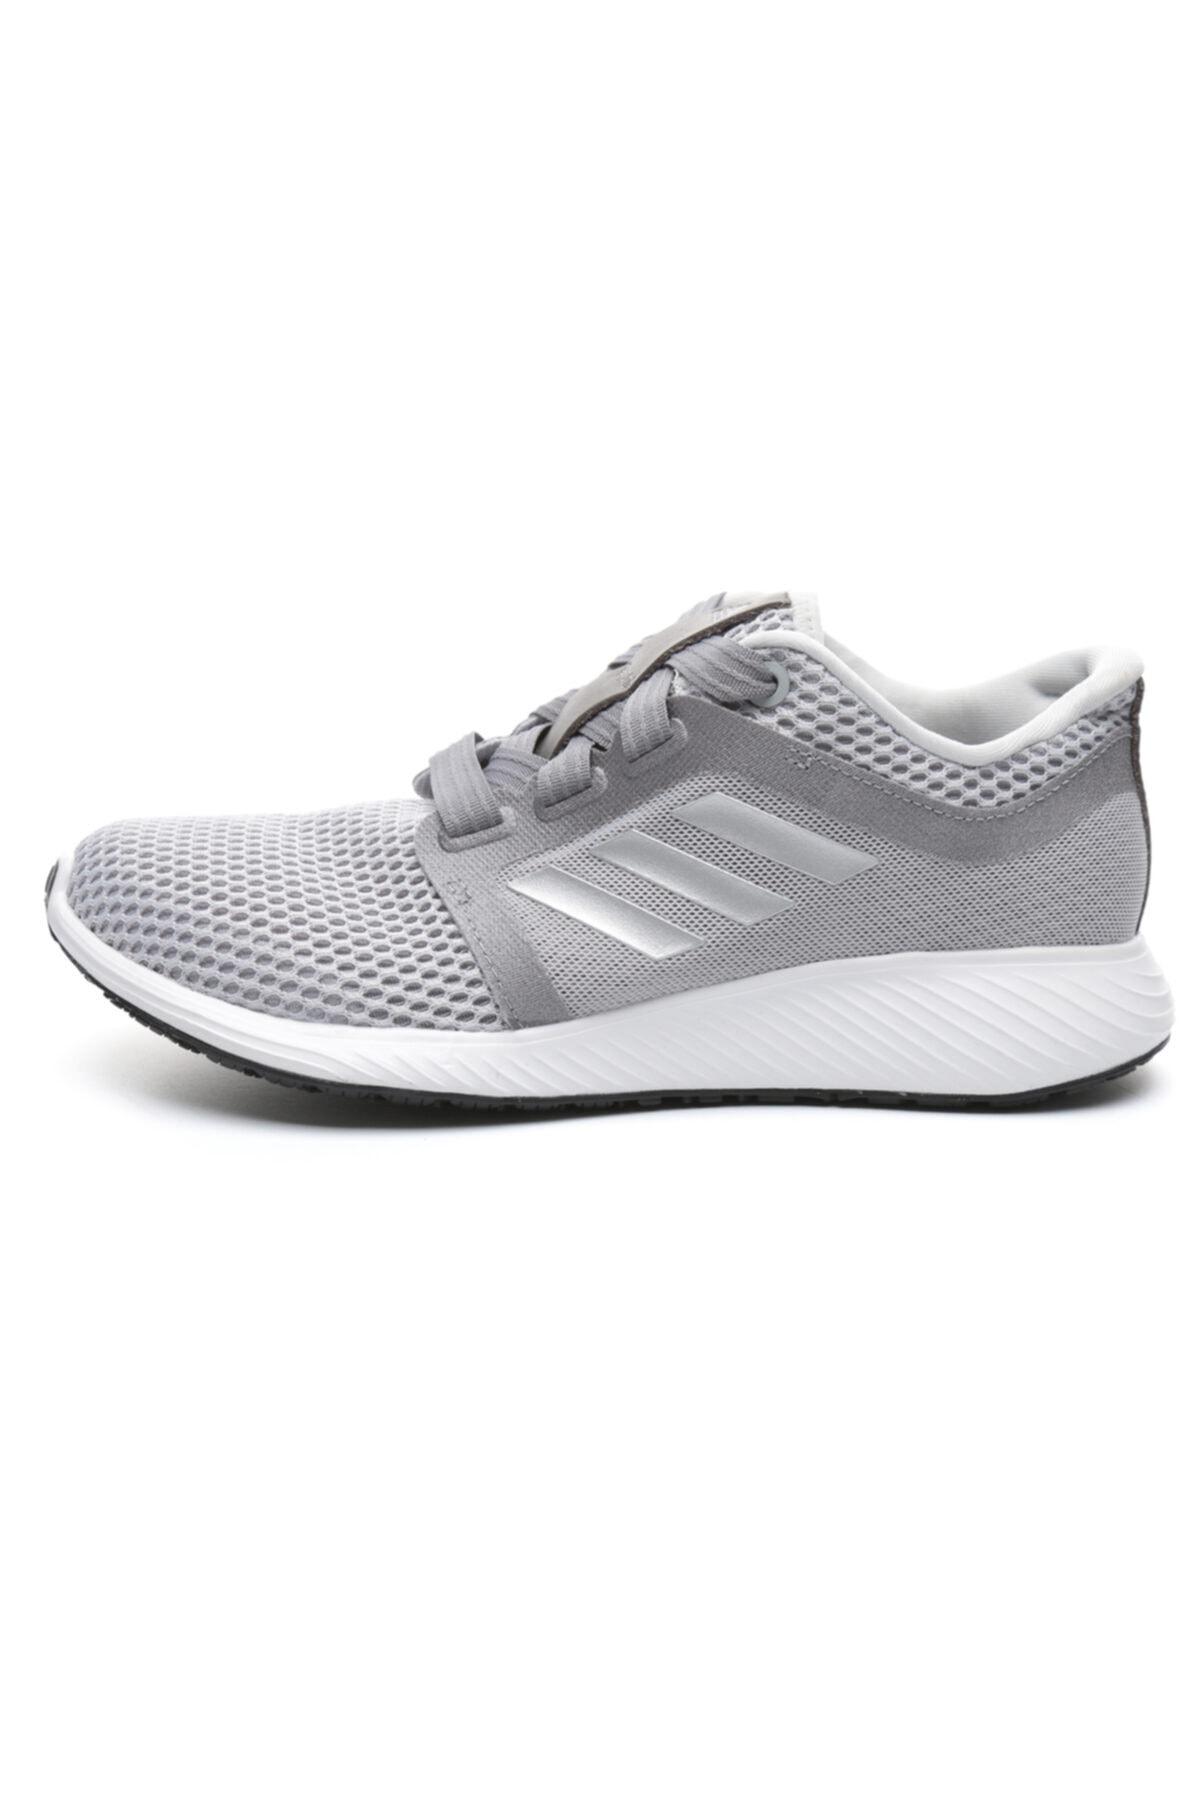 adidas EDGE LUX 3 W Gri Kadın Koşu Ayakkabısı 101015795 1